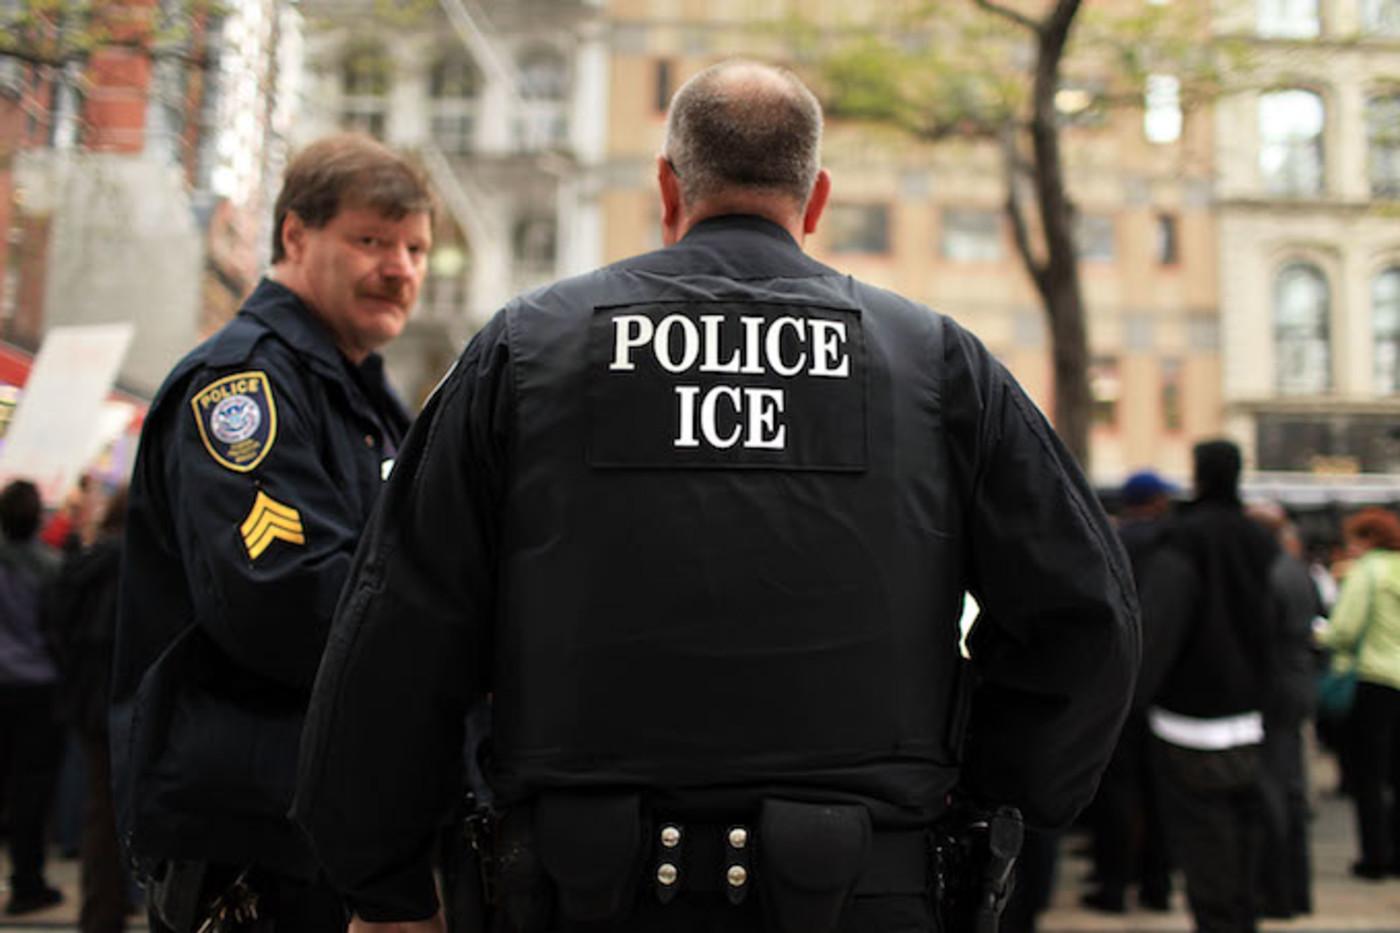 ICE Police in Arizona